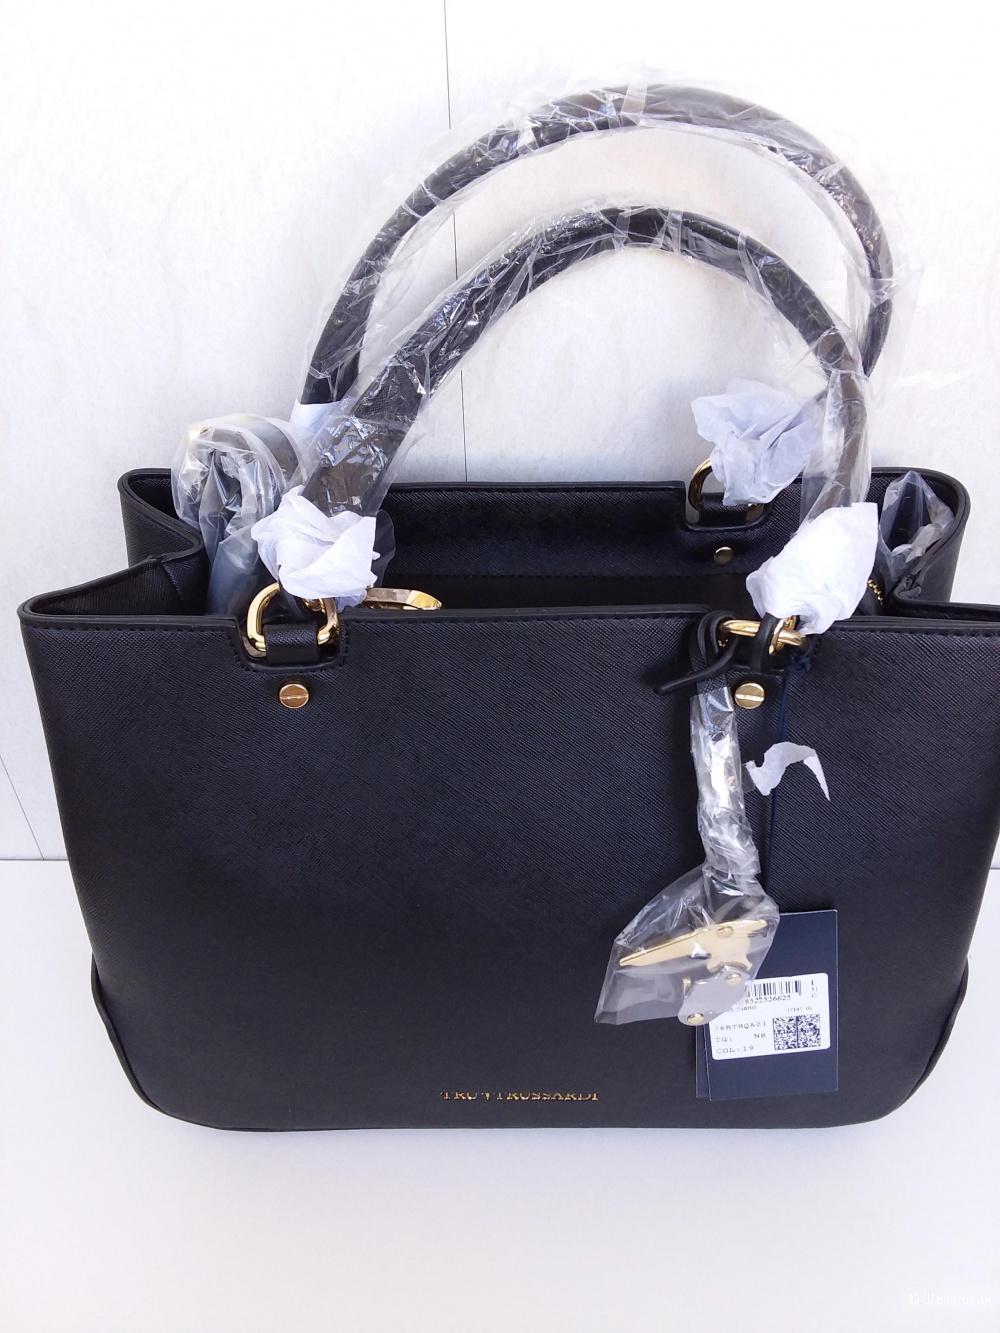 83459cb42ebf Новая сумка Tru Trussardi, в магазине Другой магазин — на Шопоголик